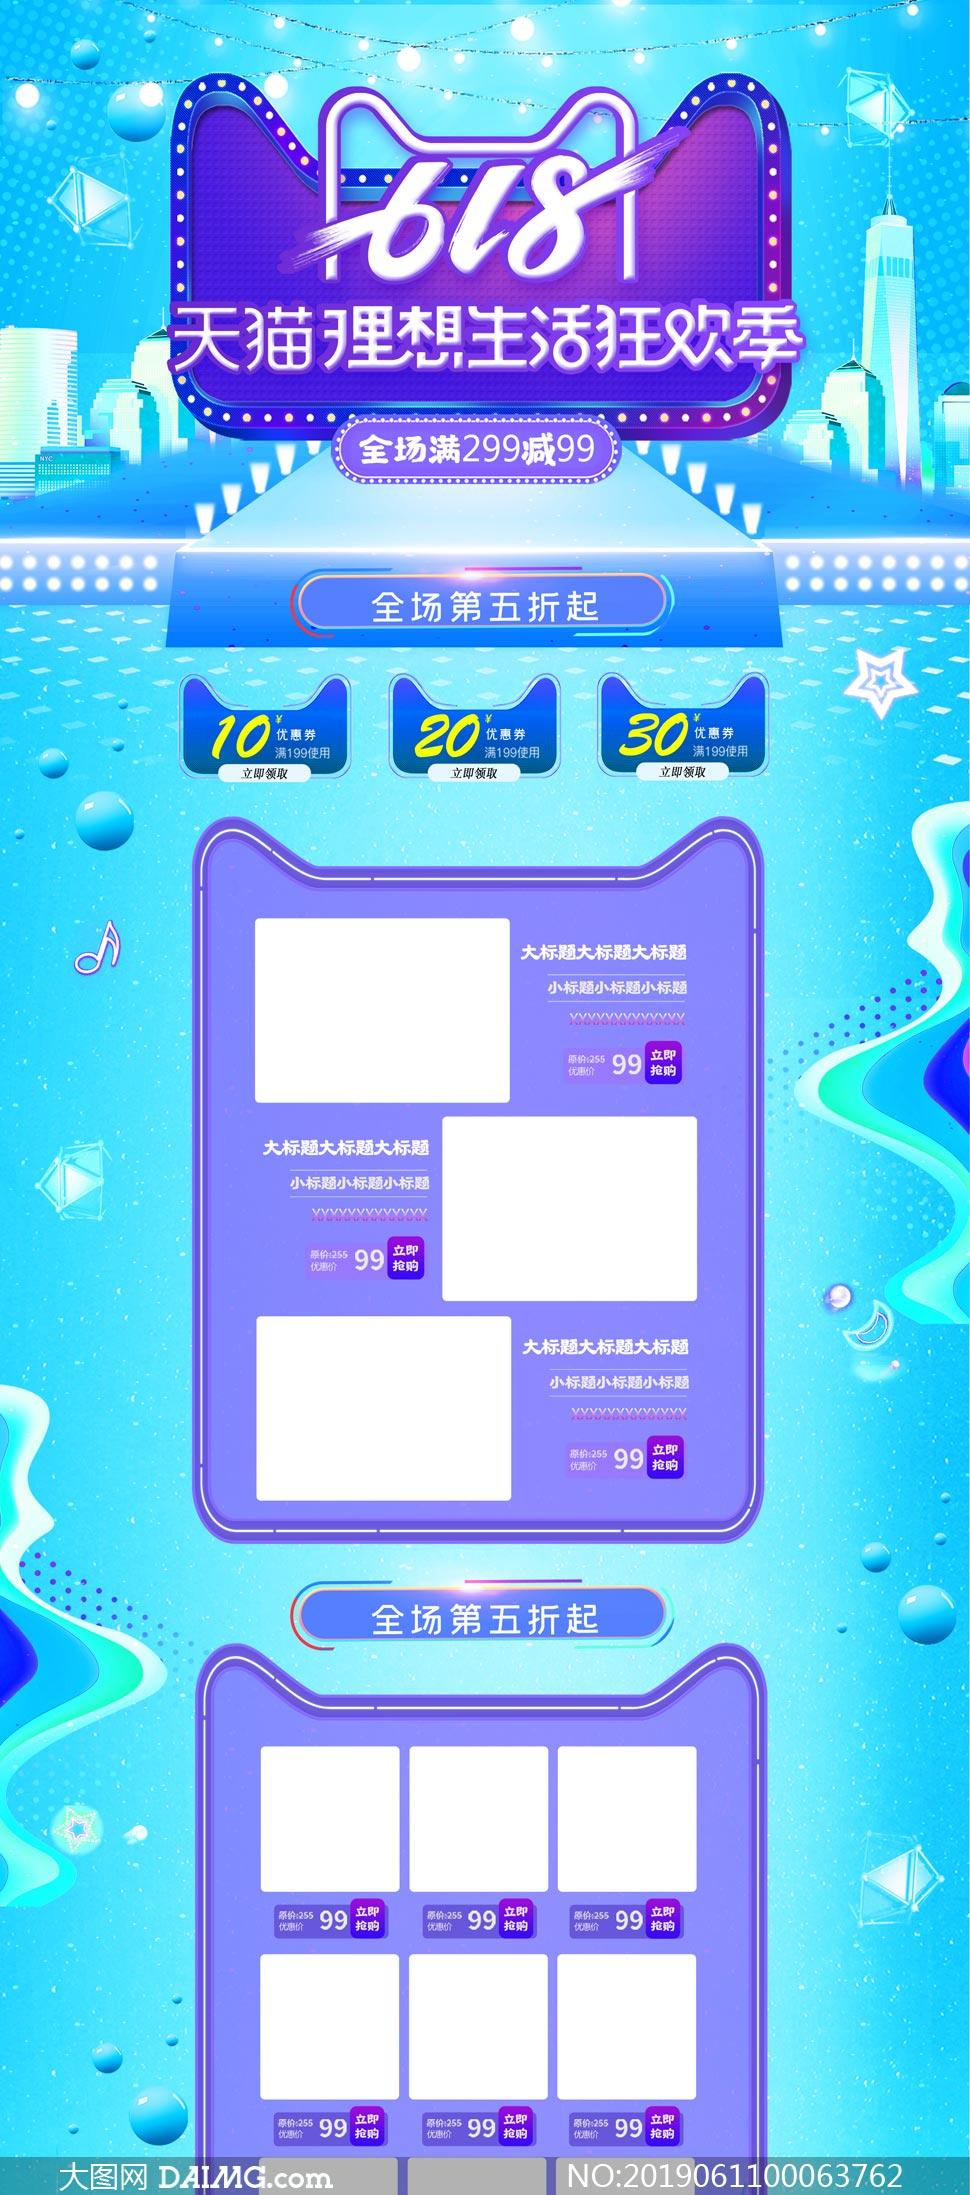 天猫618蓝色主题首页模板PSD素材